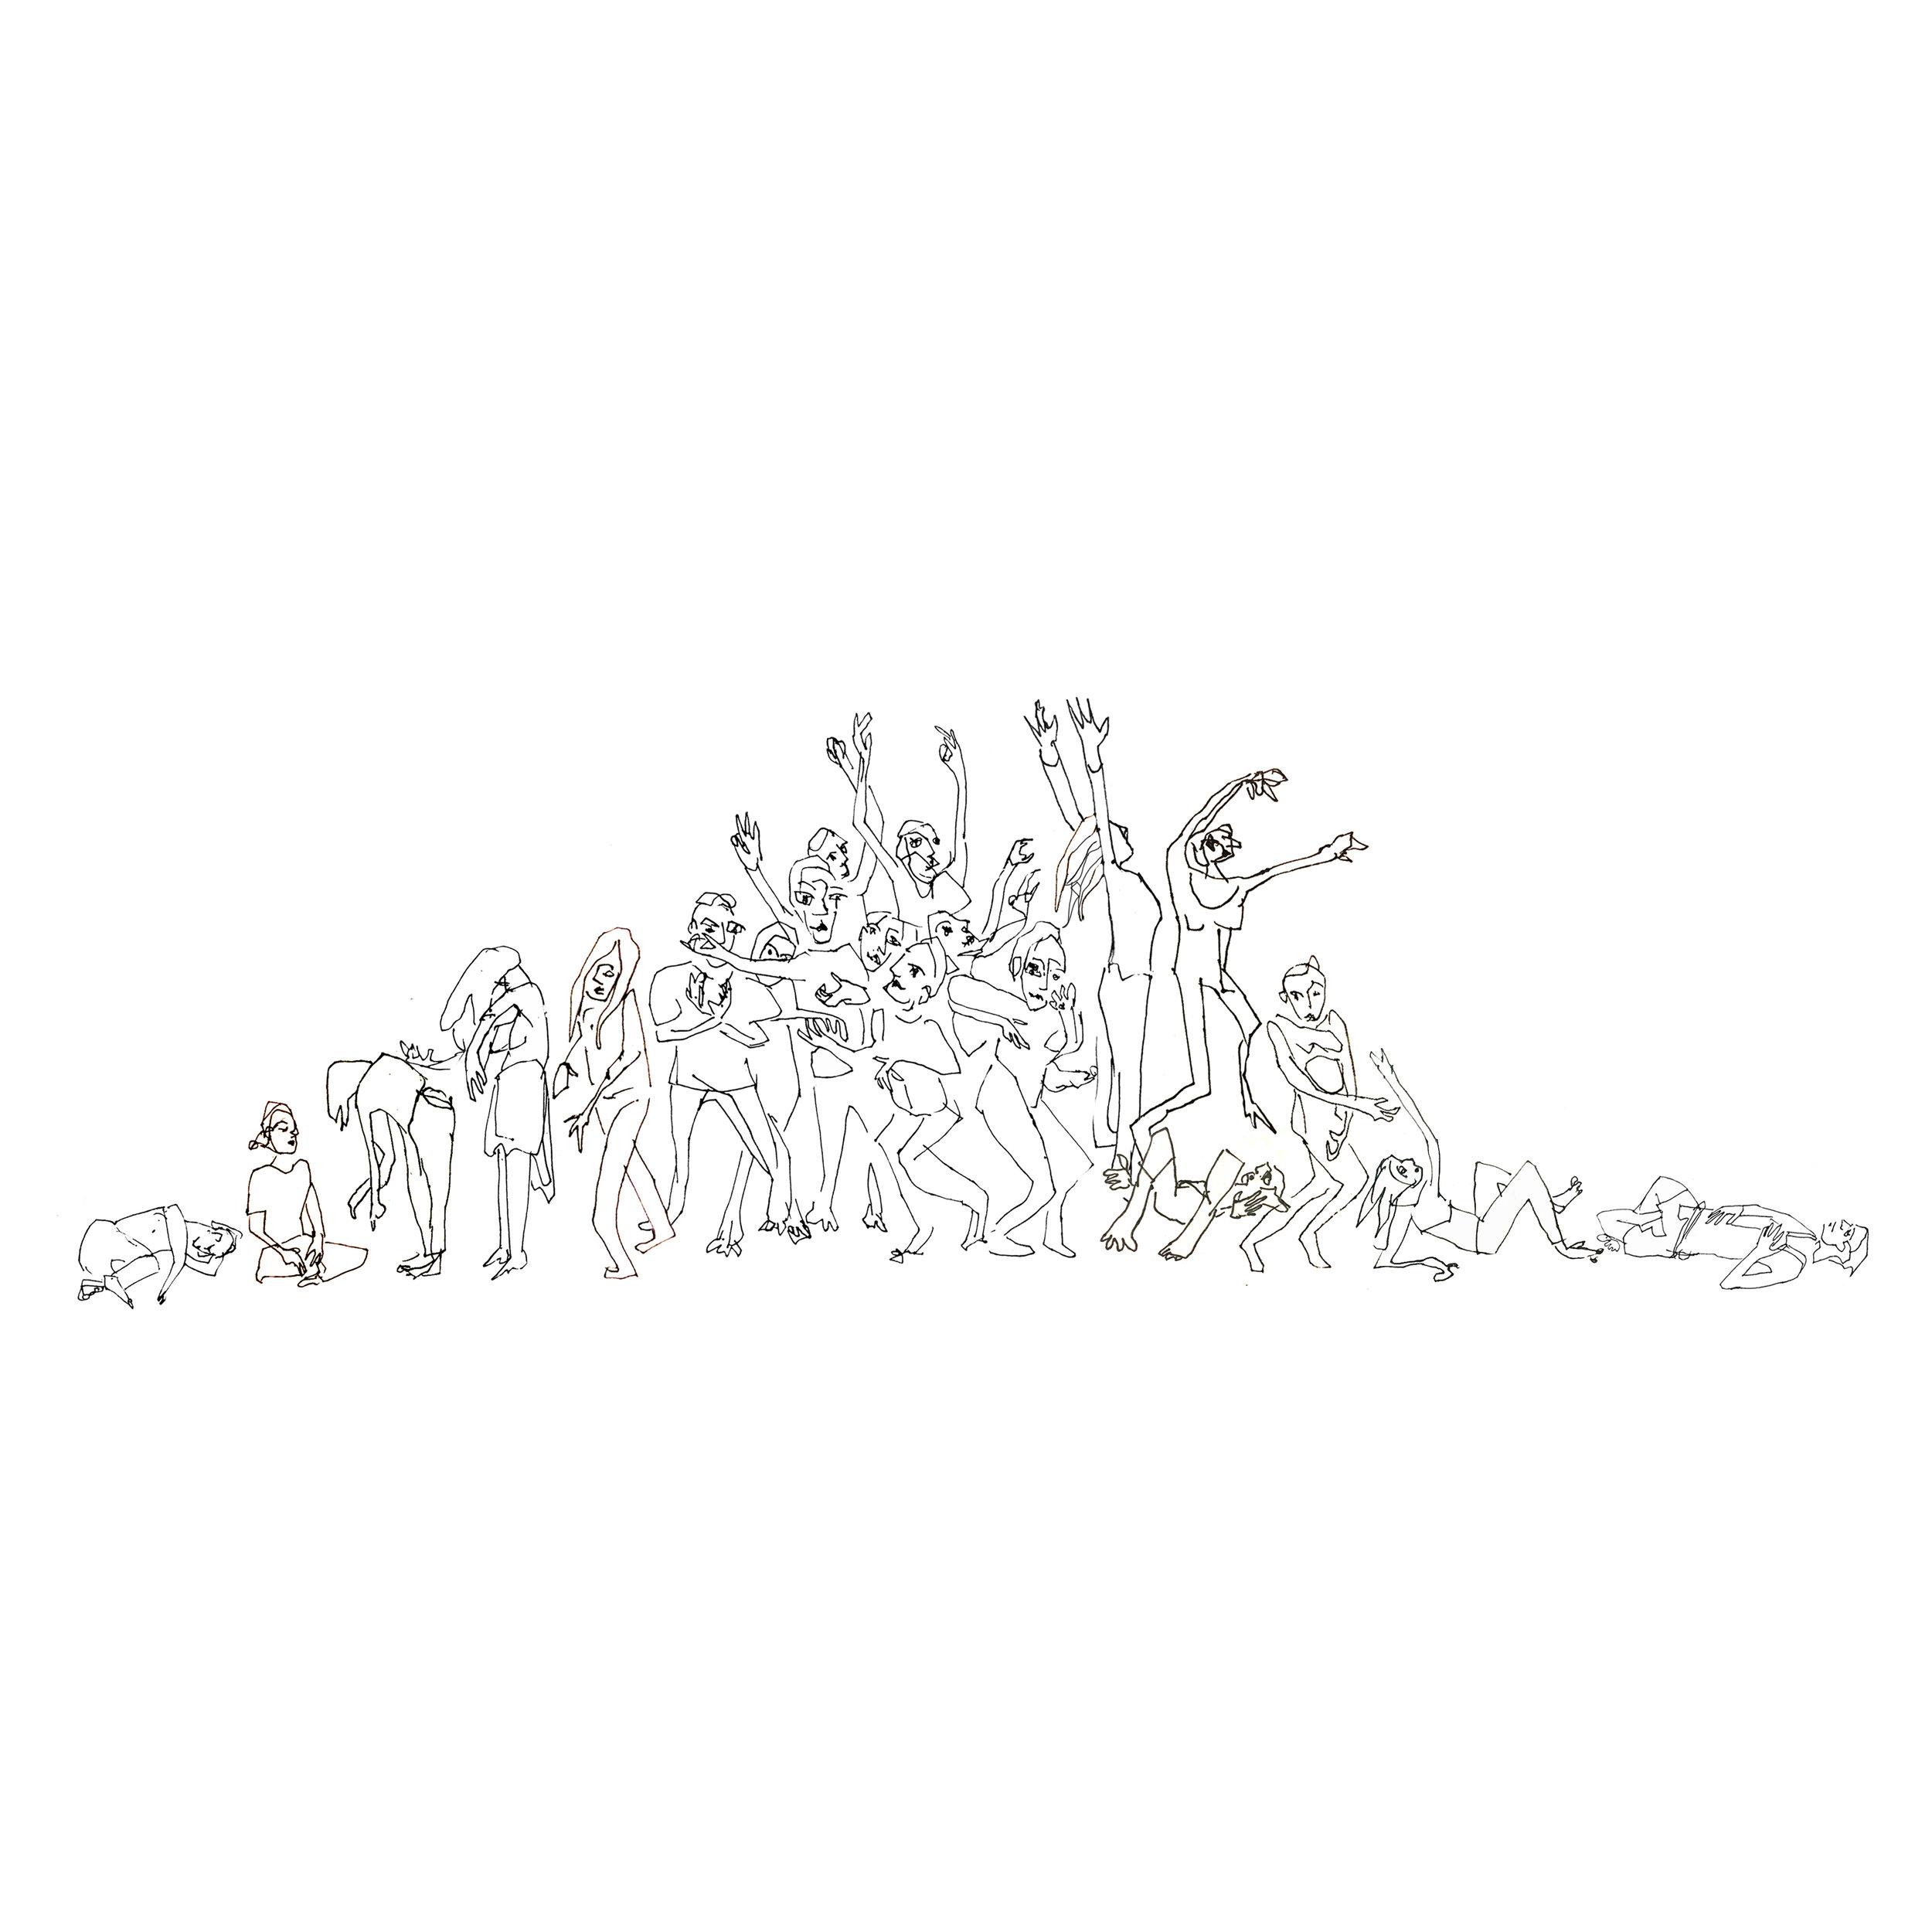 EanGolden_COVER illustrationFINAL (2).jpg